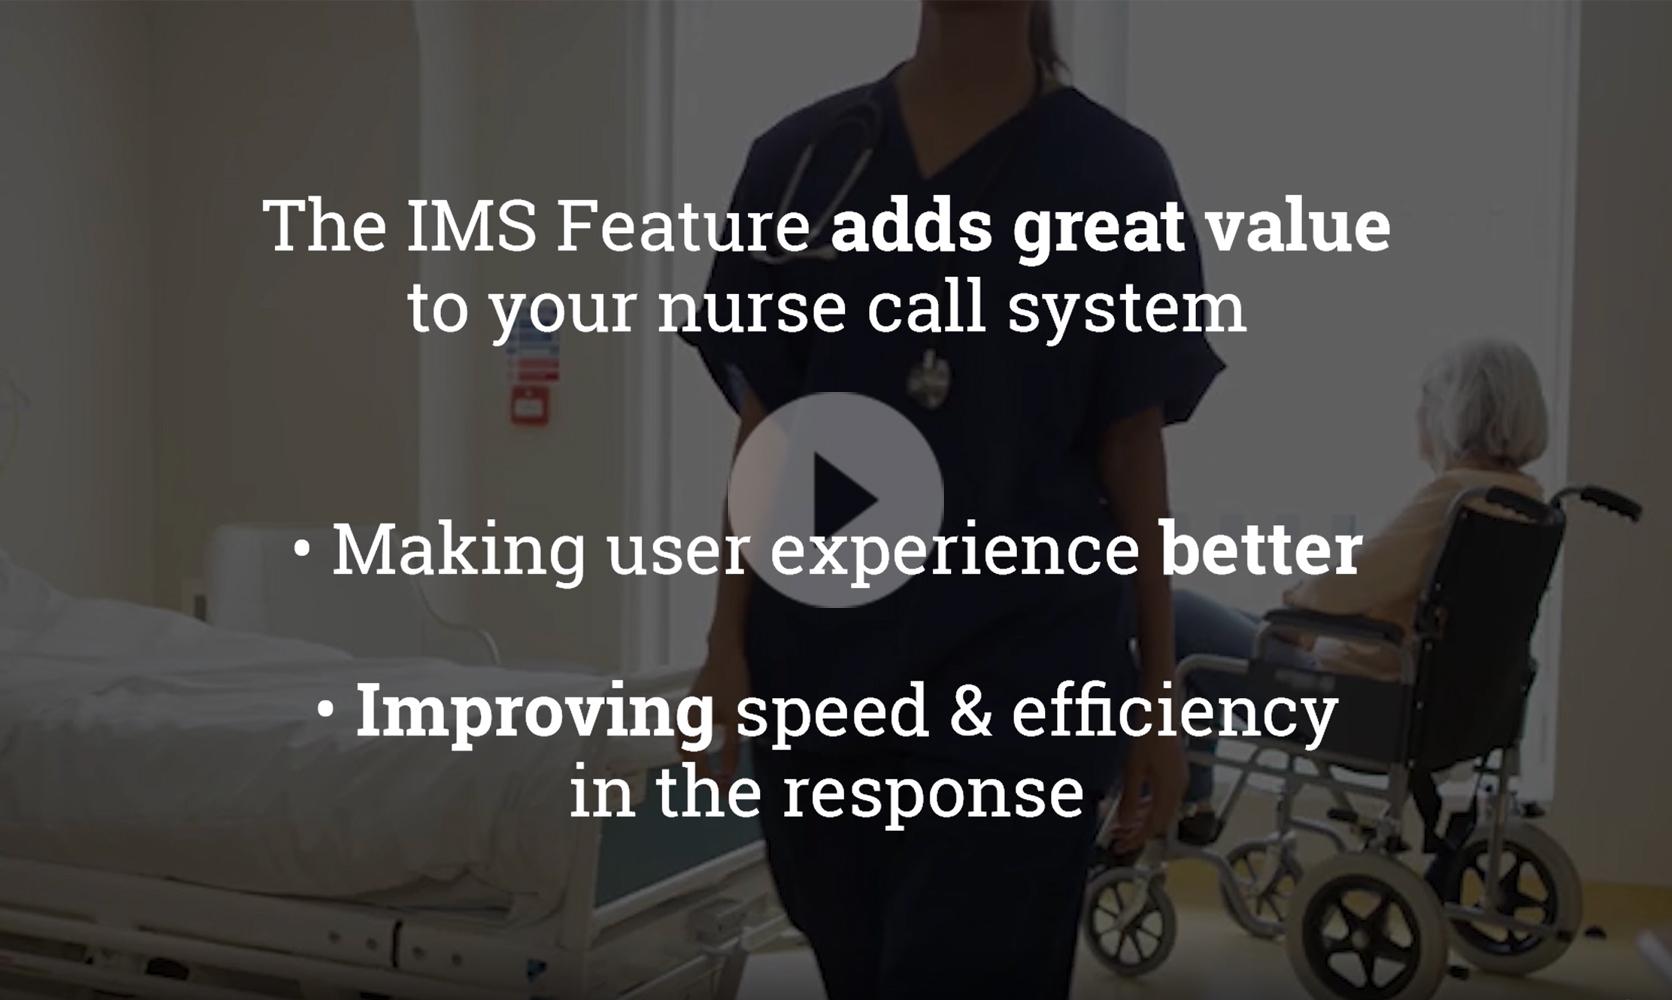 More life to Nurse Call systems using ESPA